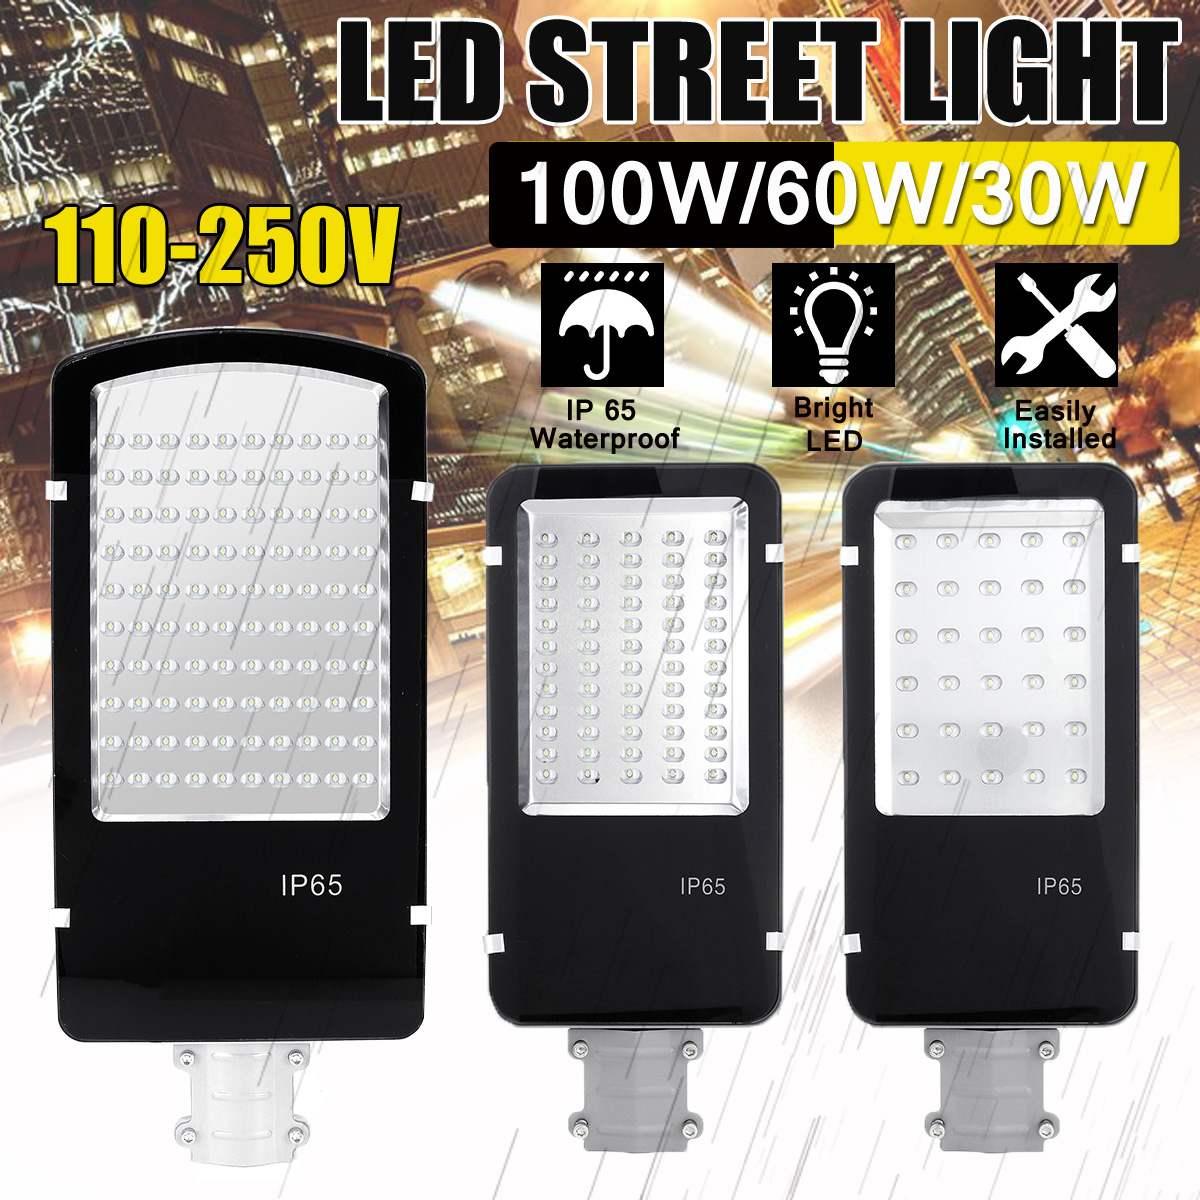 30/60/100 W LED lampe solaire mur rue lumière étanche inondation sécurité jardin rue urgence Super lumineux lumière extérieure